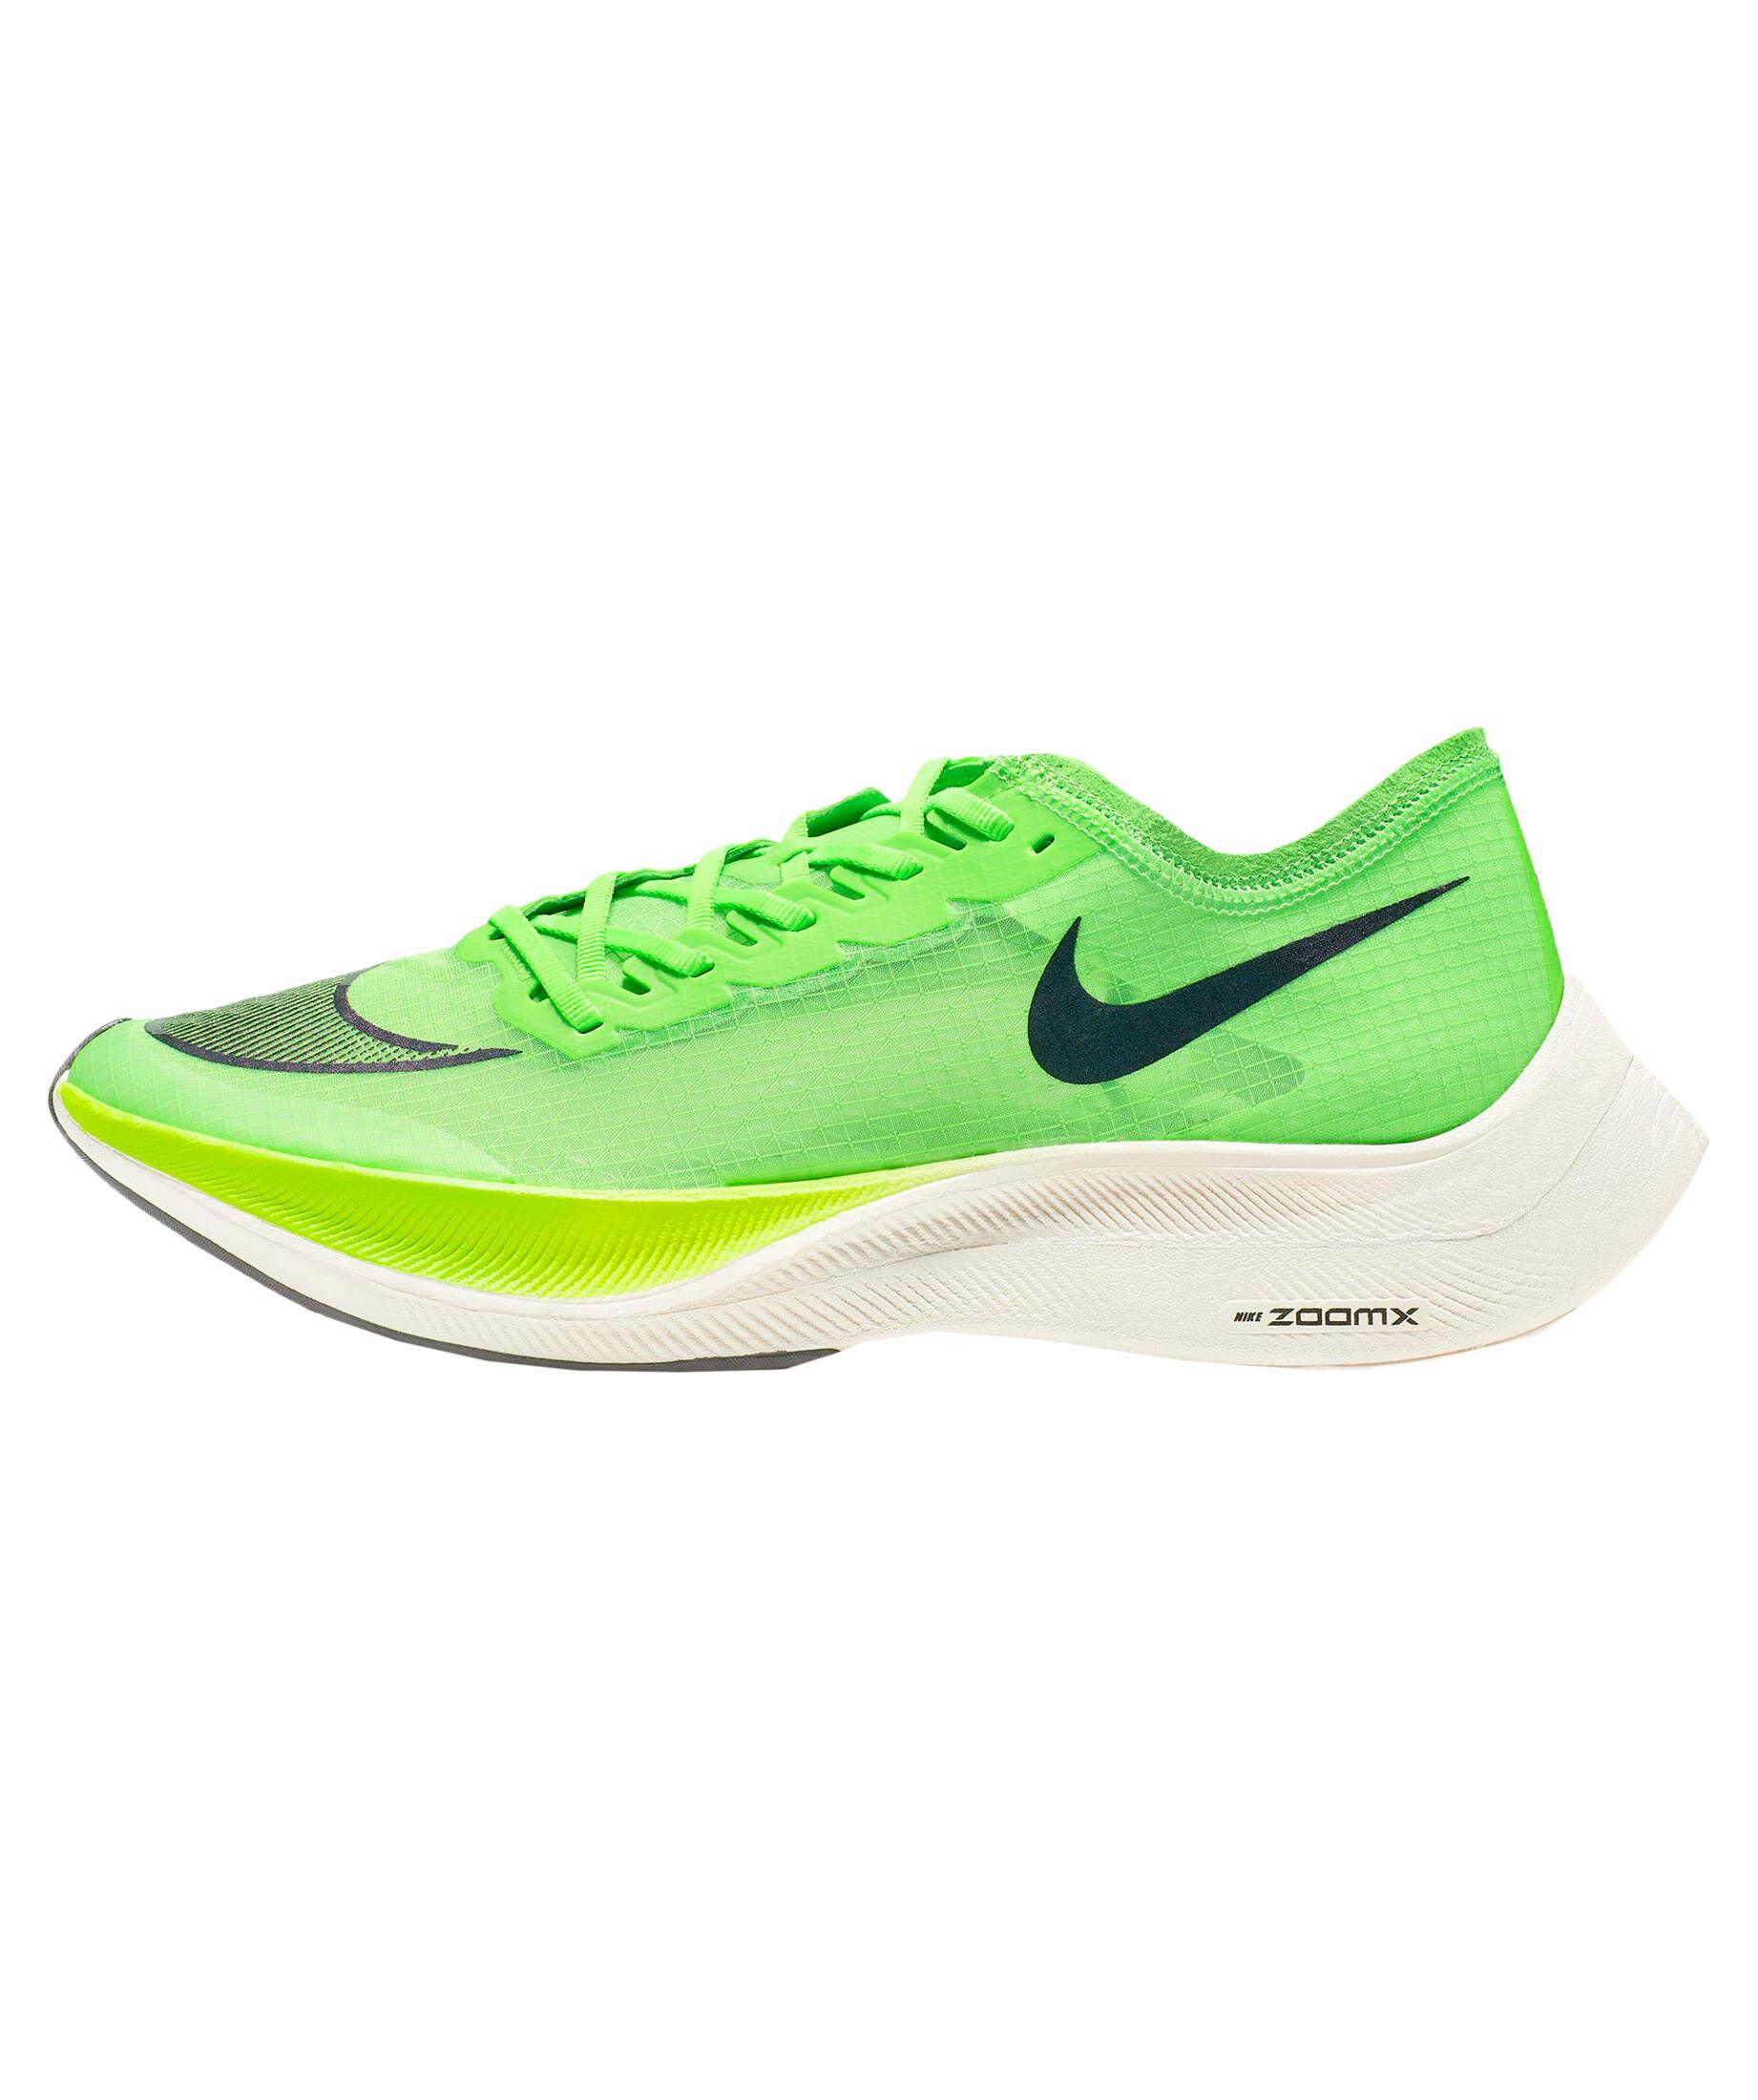 Suchergebnis auf für: adidas 35 Sneaker